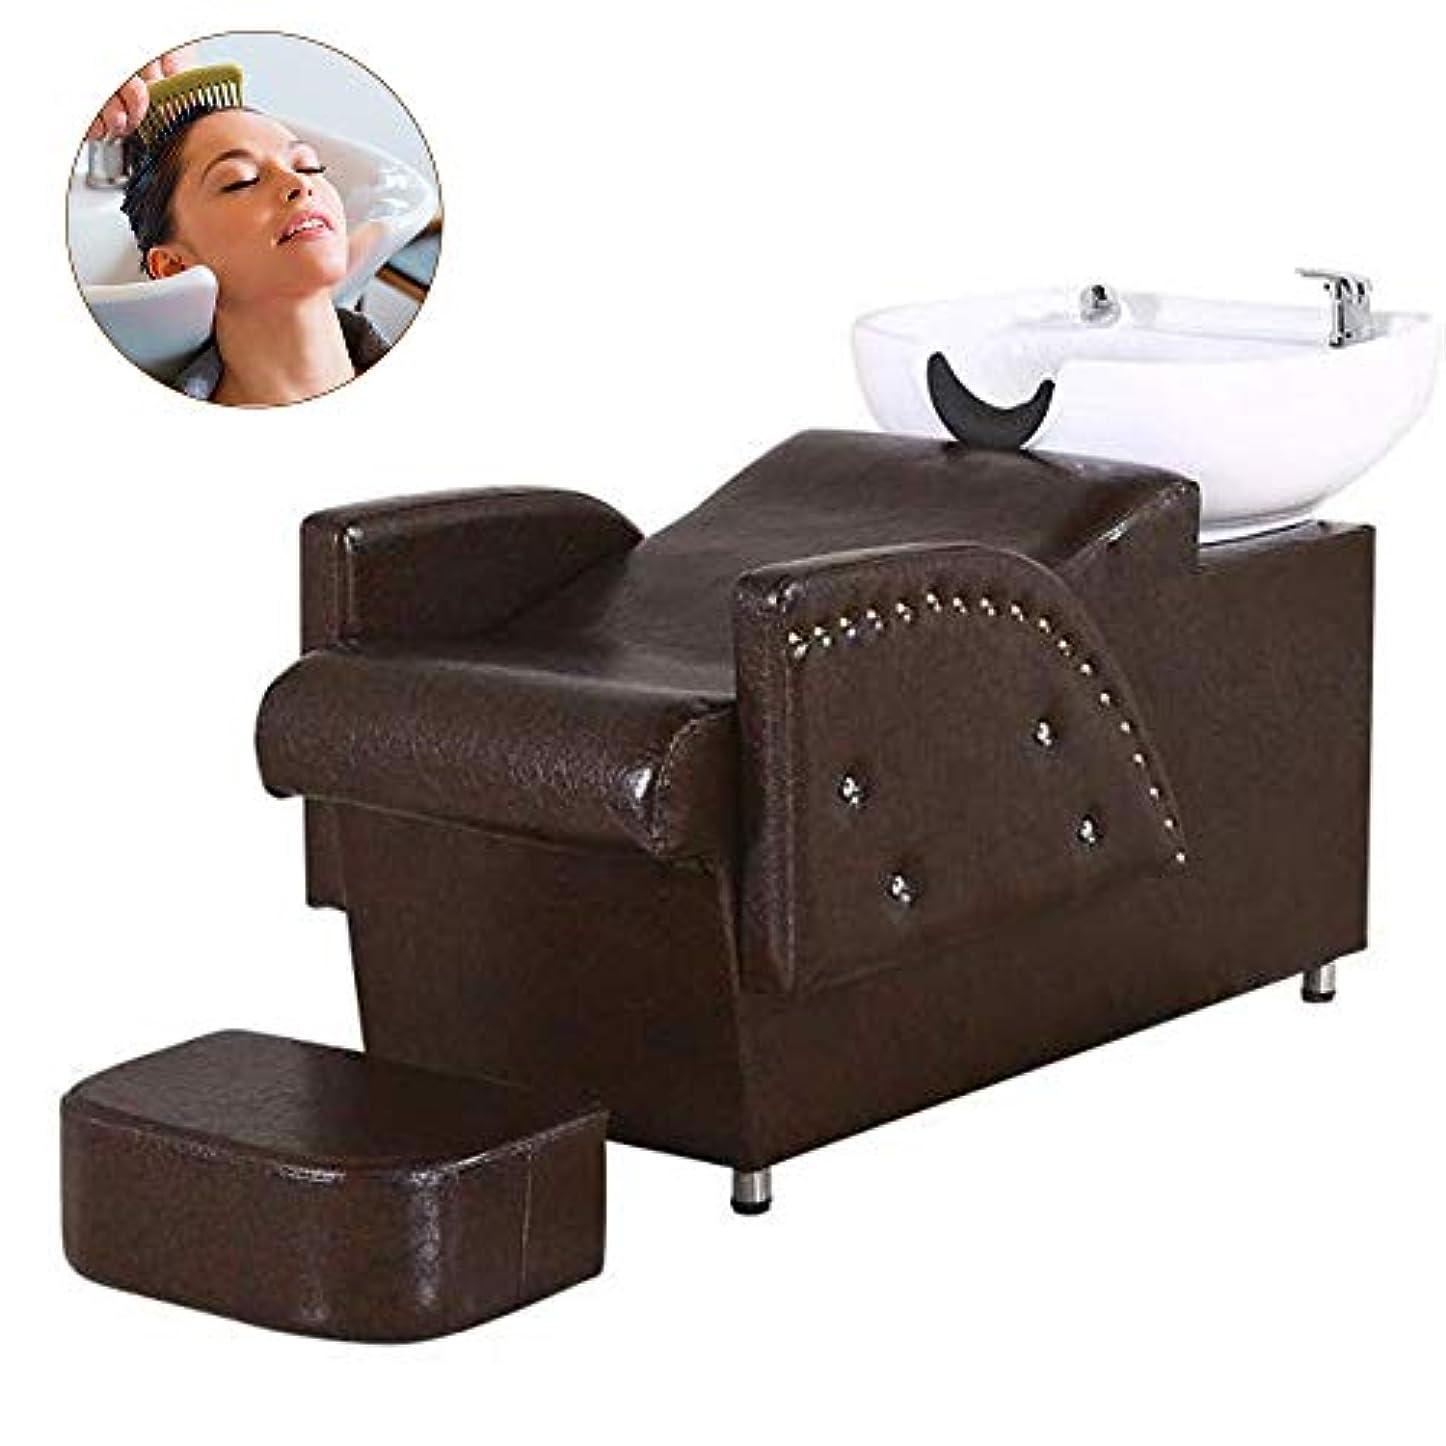 夏シャベル構造シャンプーチェア、逆洗ユニットシャンプーボウル理髪シンクチェアスパ美容サロン機器シャンプーベッド